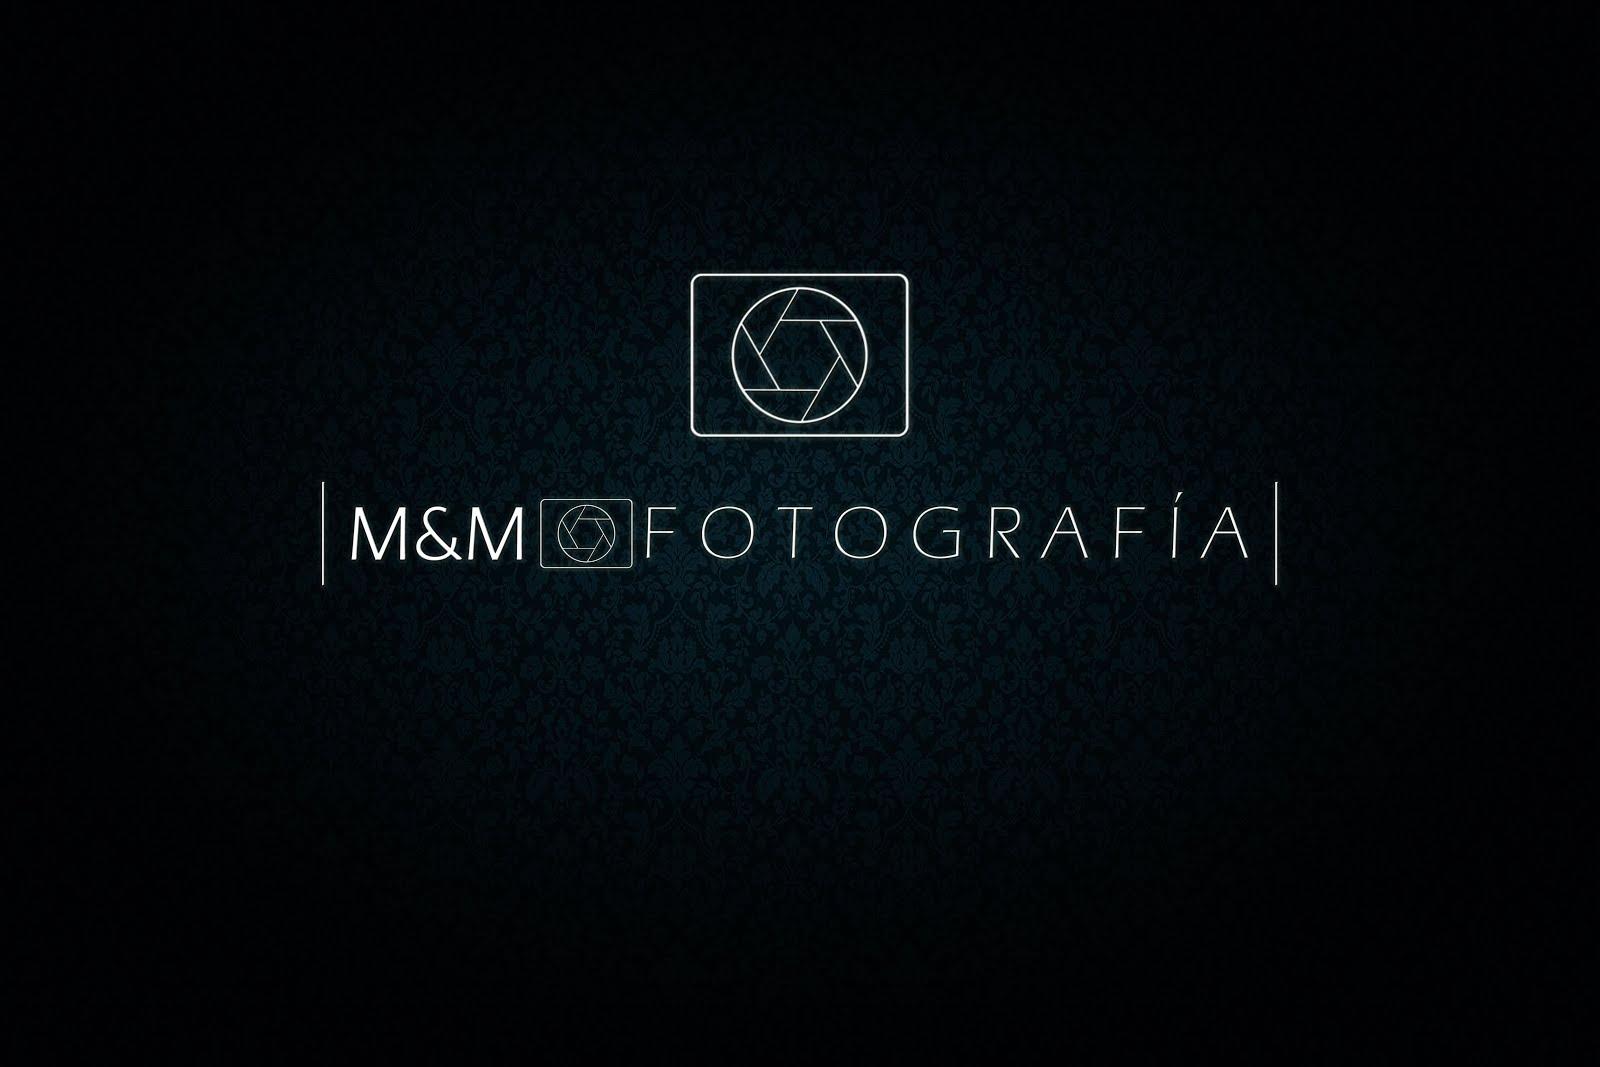 M&M FOTOGRAFÍA